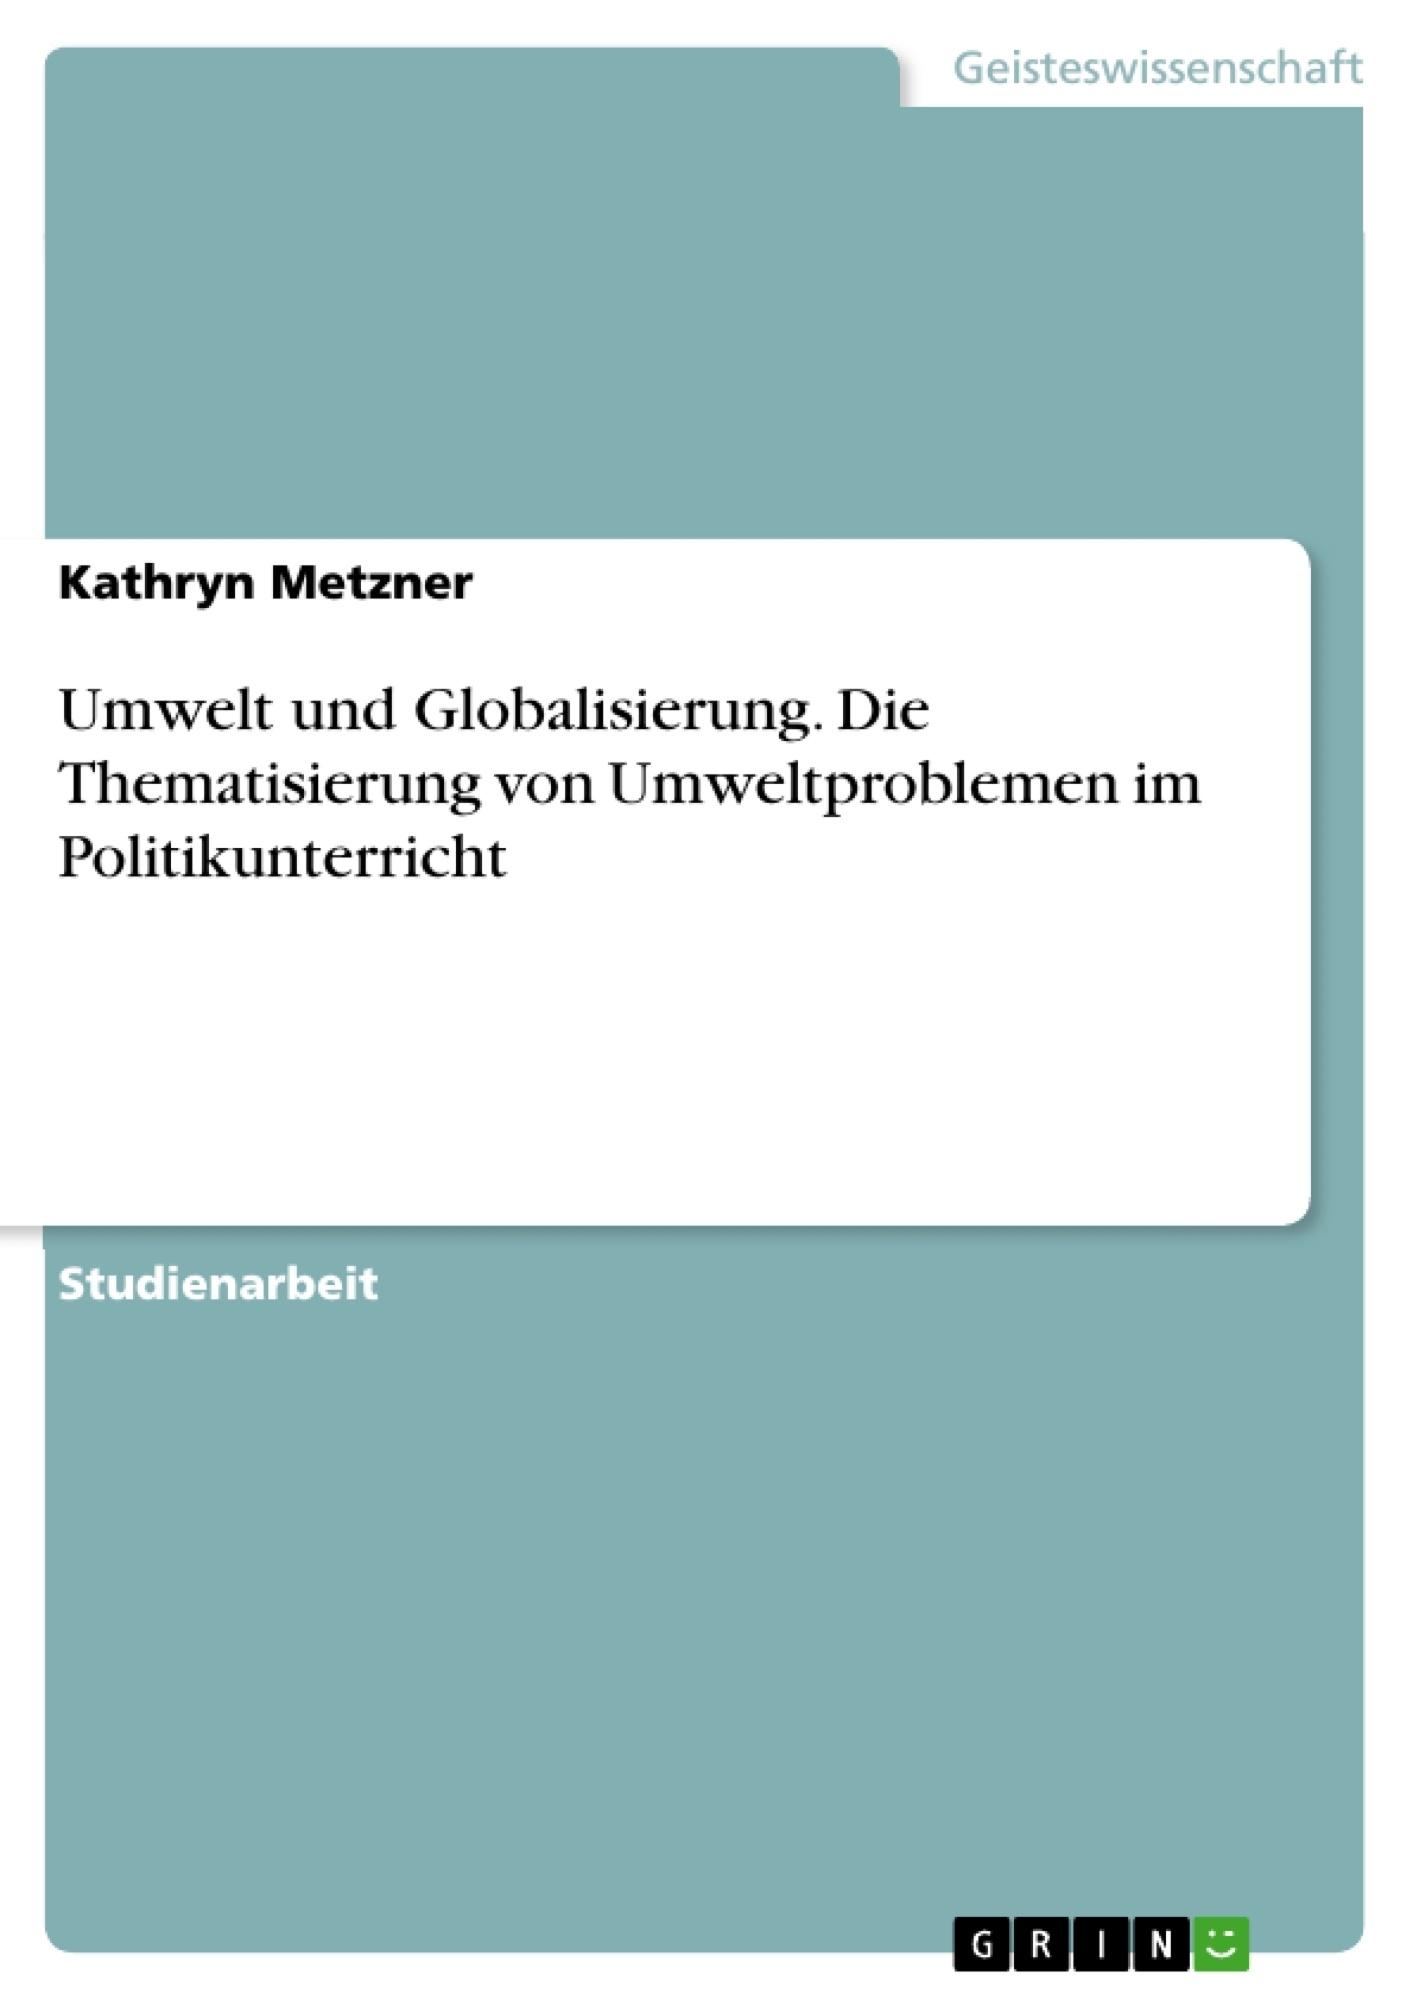 Titel: Umwelt und Globalisierung. Die Thematisierung von Umweltproblemen im Politikunterricht